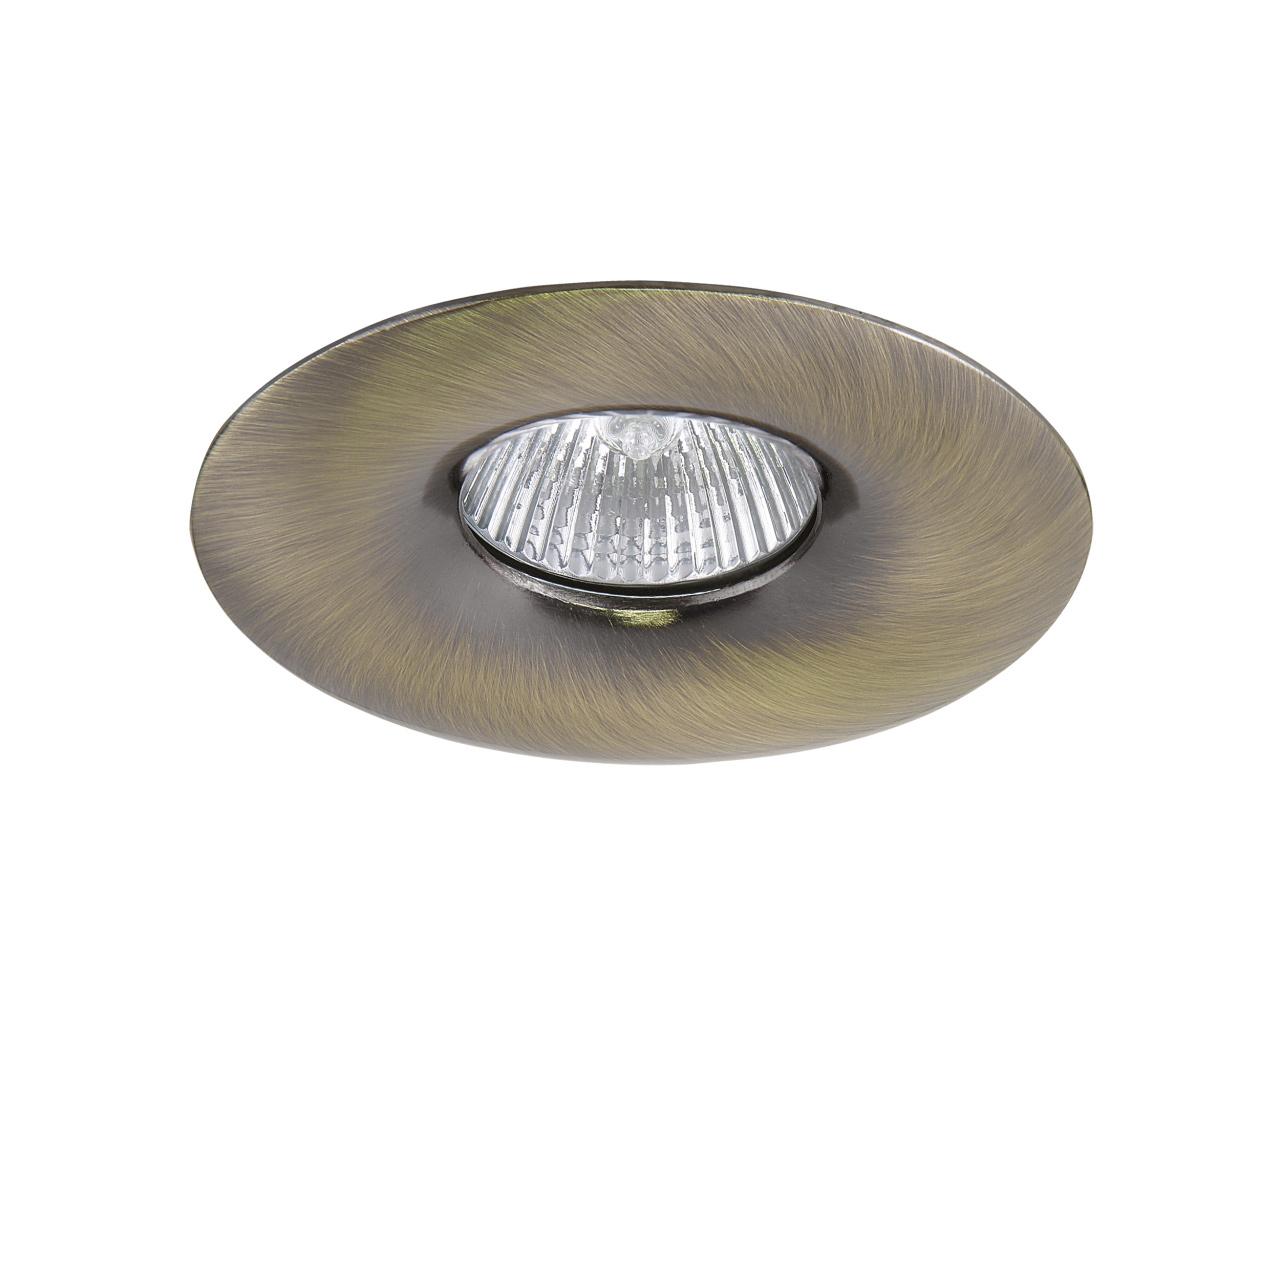 Светильник Levigo MR16 / HP16 зеленая бронза Lightstar 010011